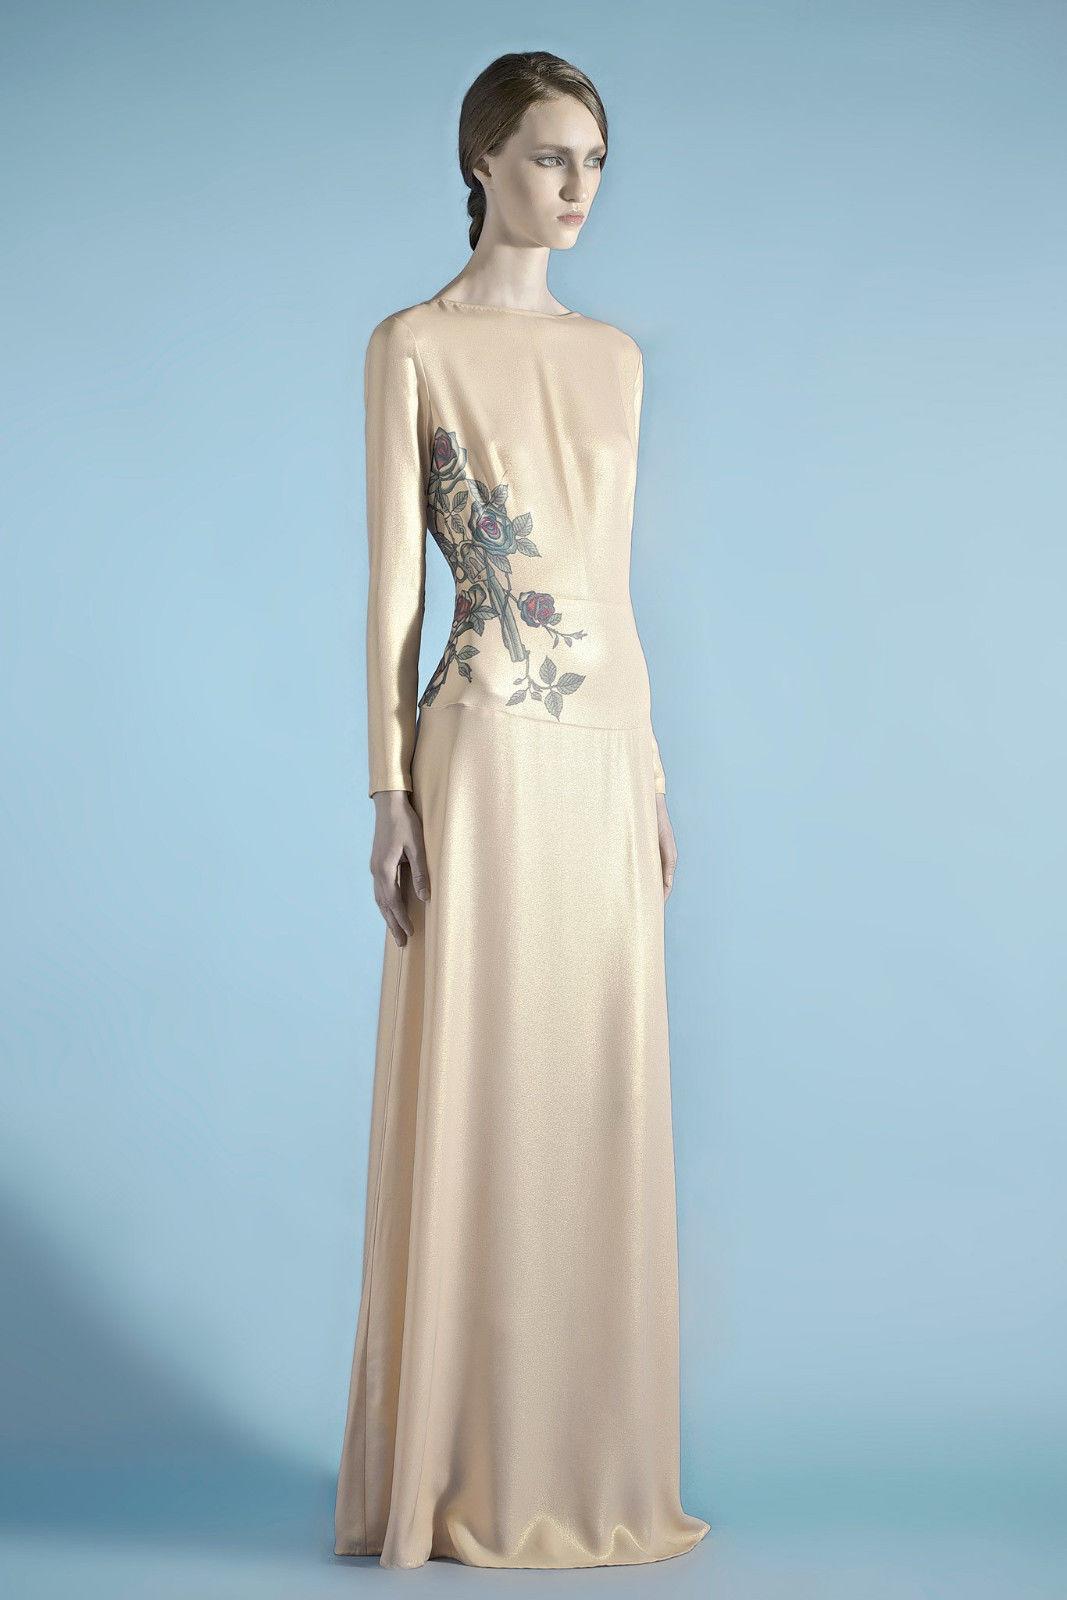 Vika Gazinskaya  3,400 pleine longueur robe Pistolet & Rose Tattoo Robe Maxi 36-F NEUF